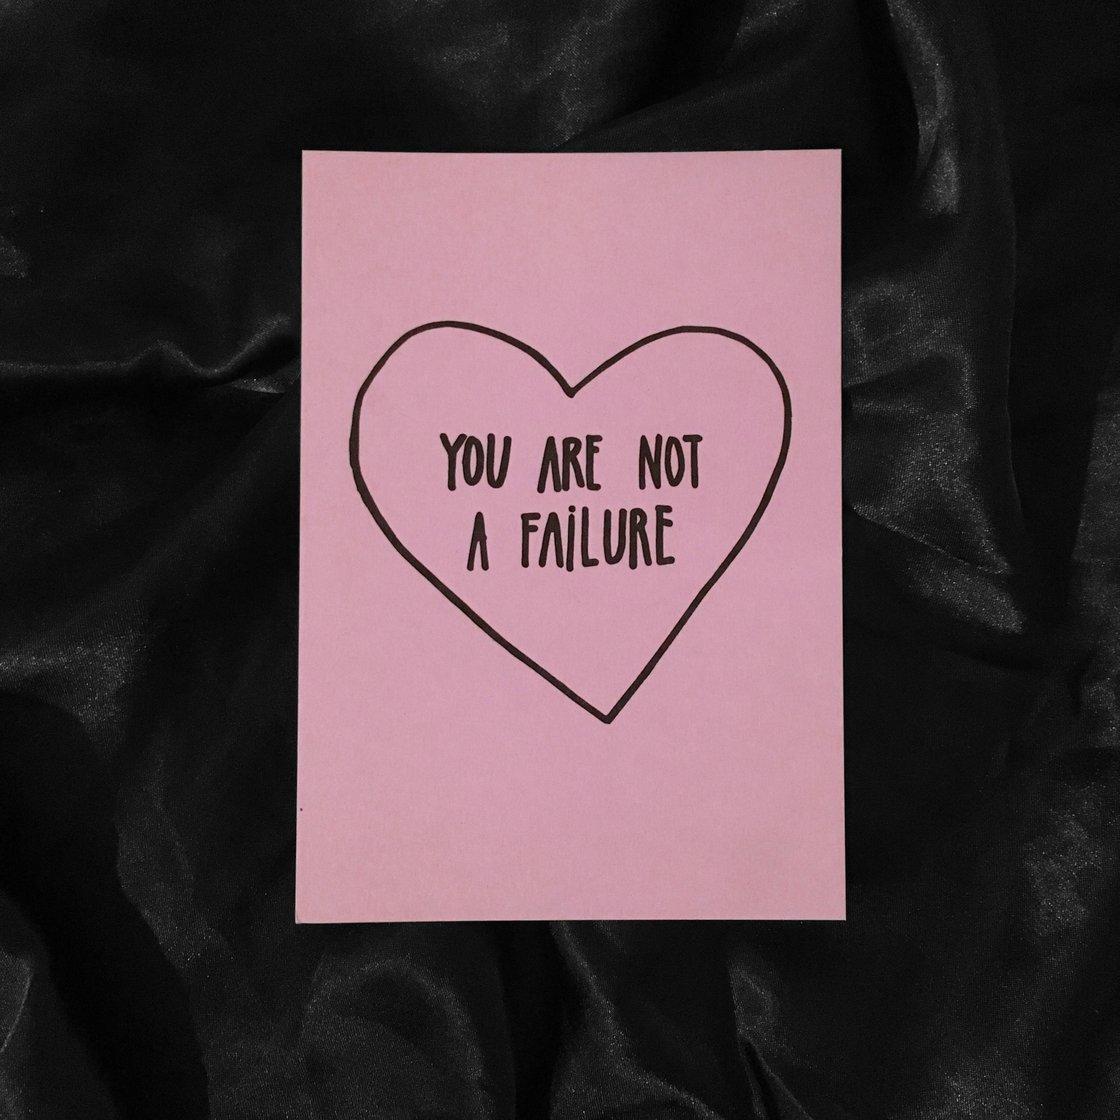 Image of FAILURE card